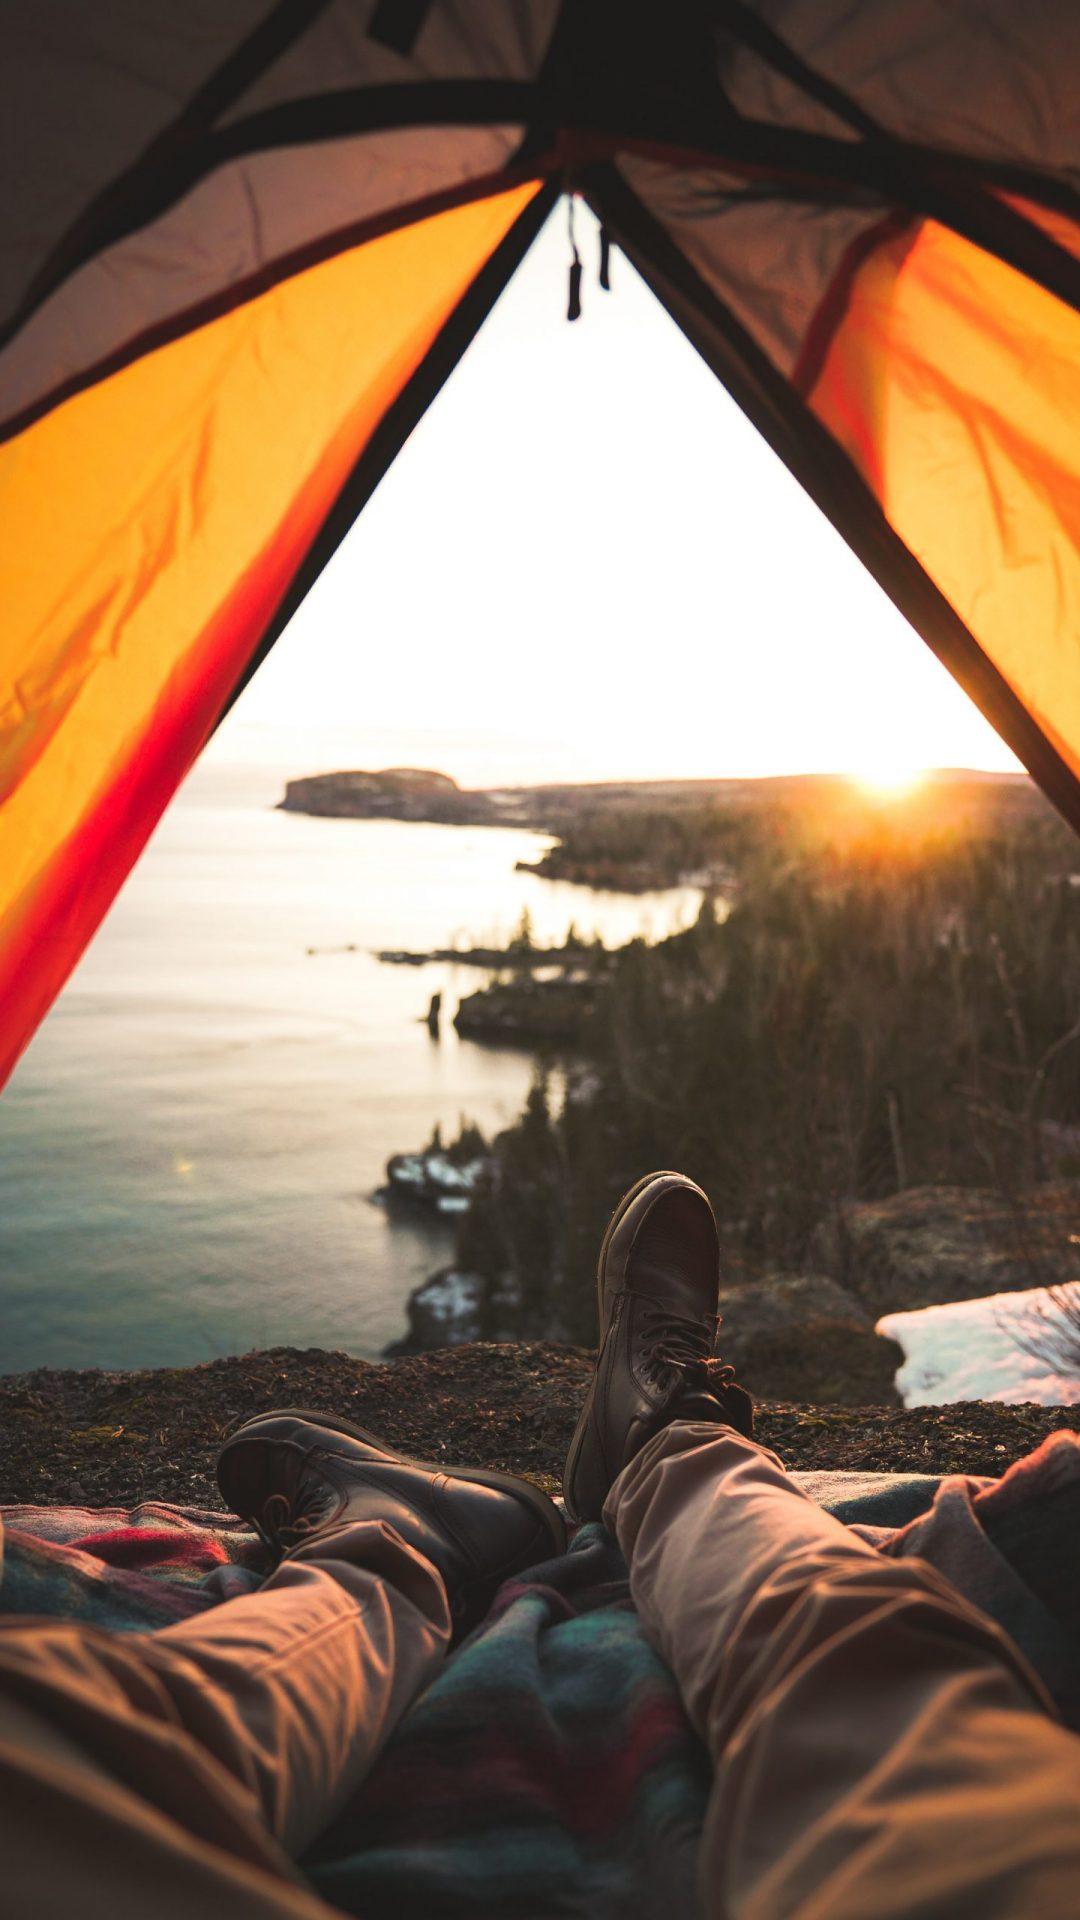 vue d'une tente en plein voyage